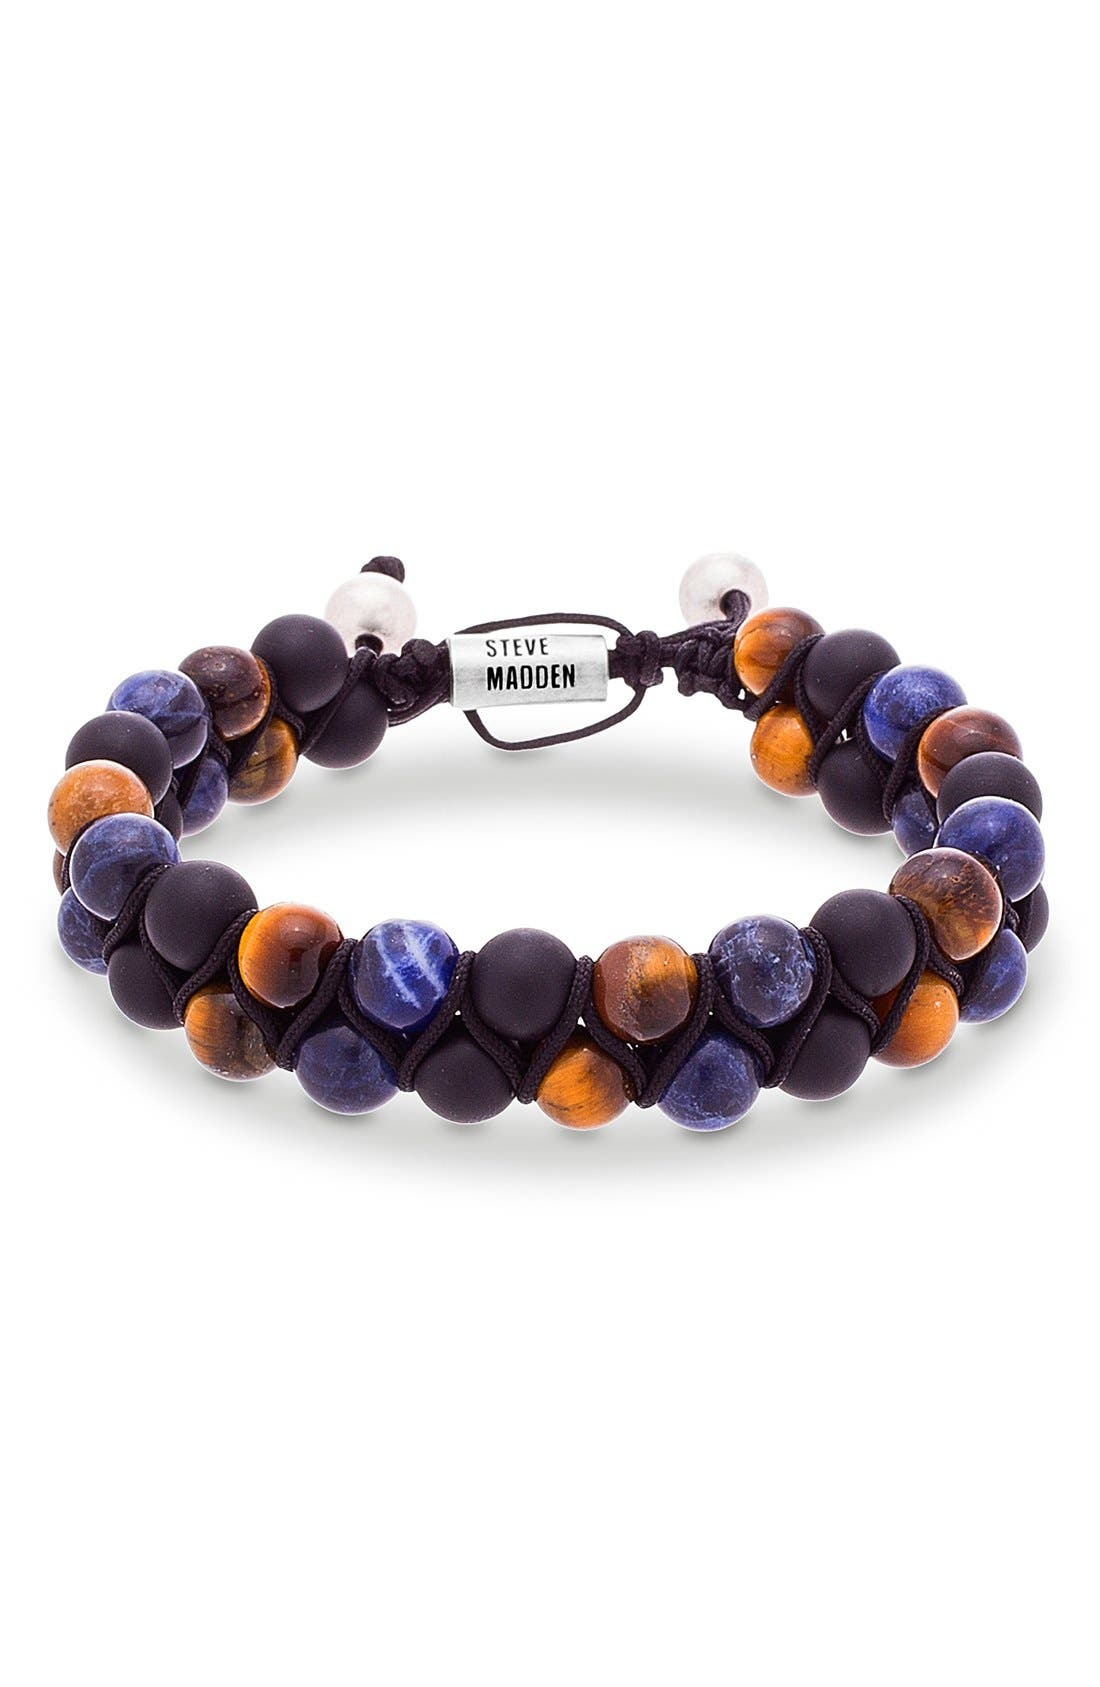 STEVE MADDEN Tigers Eye & Lapis Bracelet